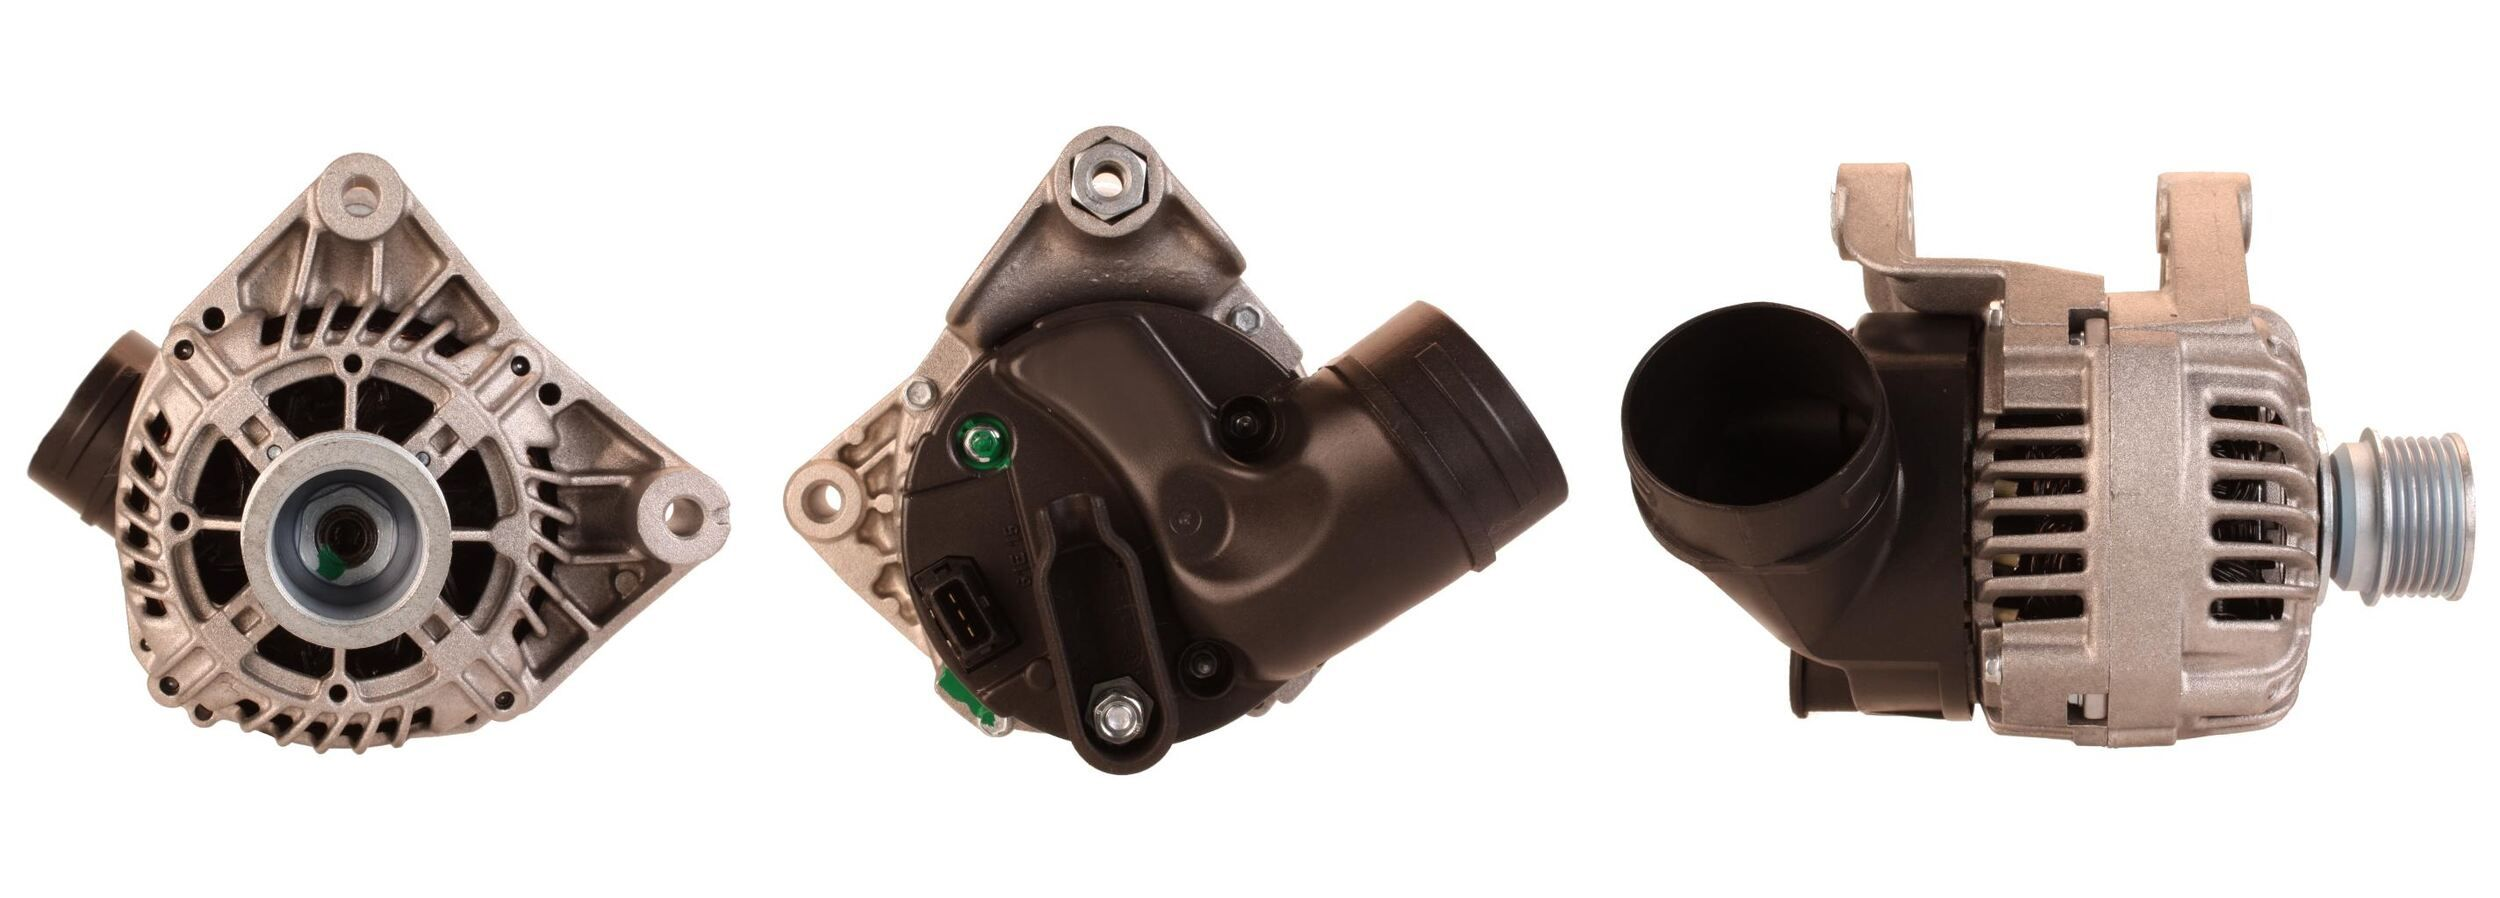 Lichtmaschine 28-2840 ELSTOCK 28-2840 in Original Qualität